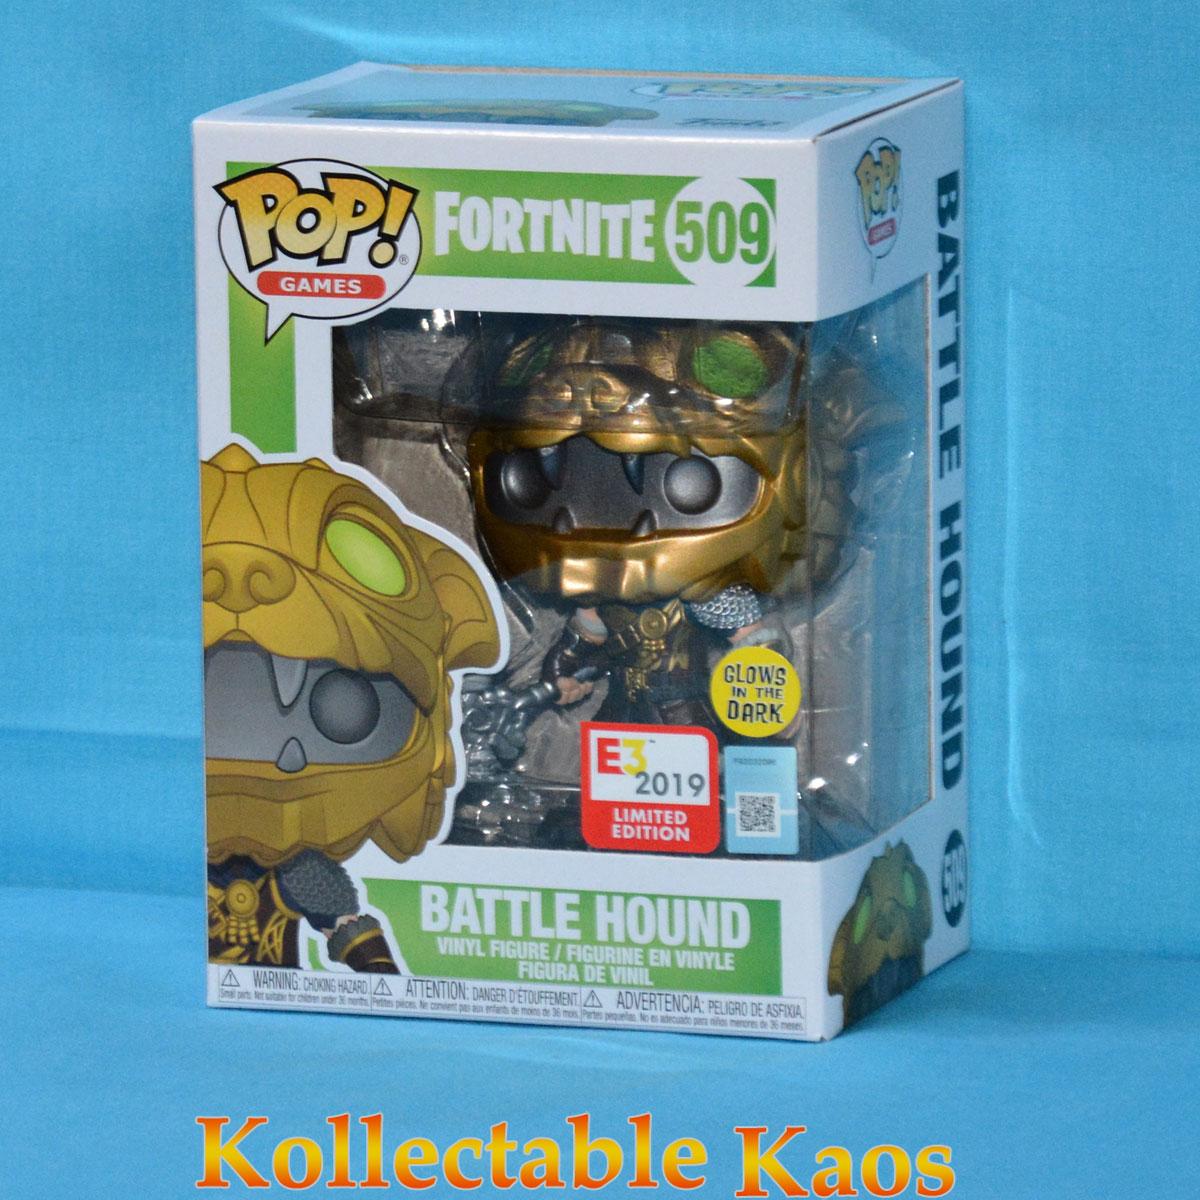 Fortnite 2019 E3 Convention Exclusive Battle Hound #509 Funko Pop